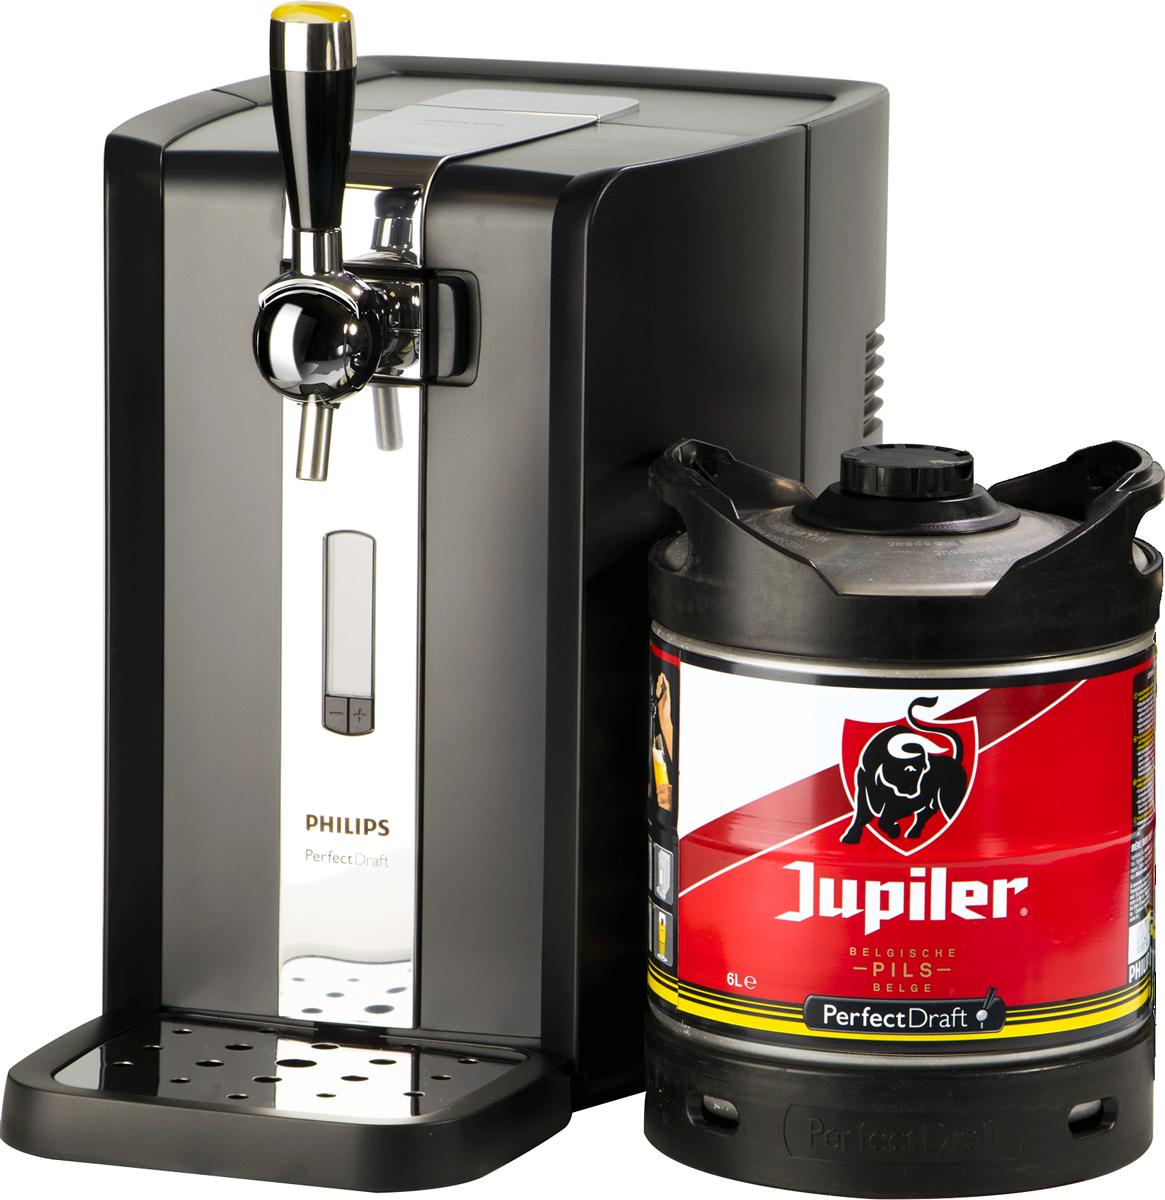 Jupiler PerfectDraft Pack